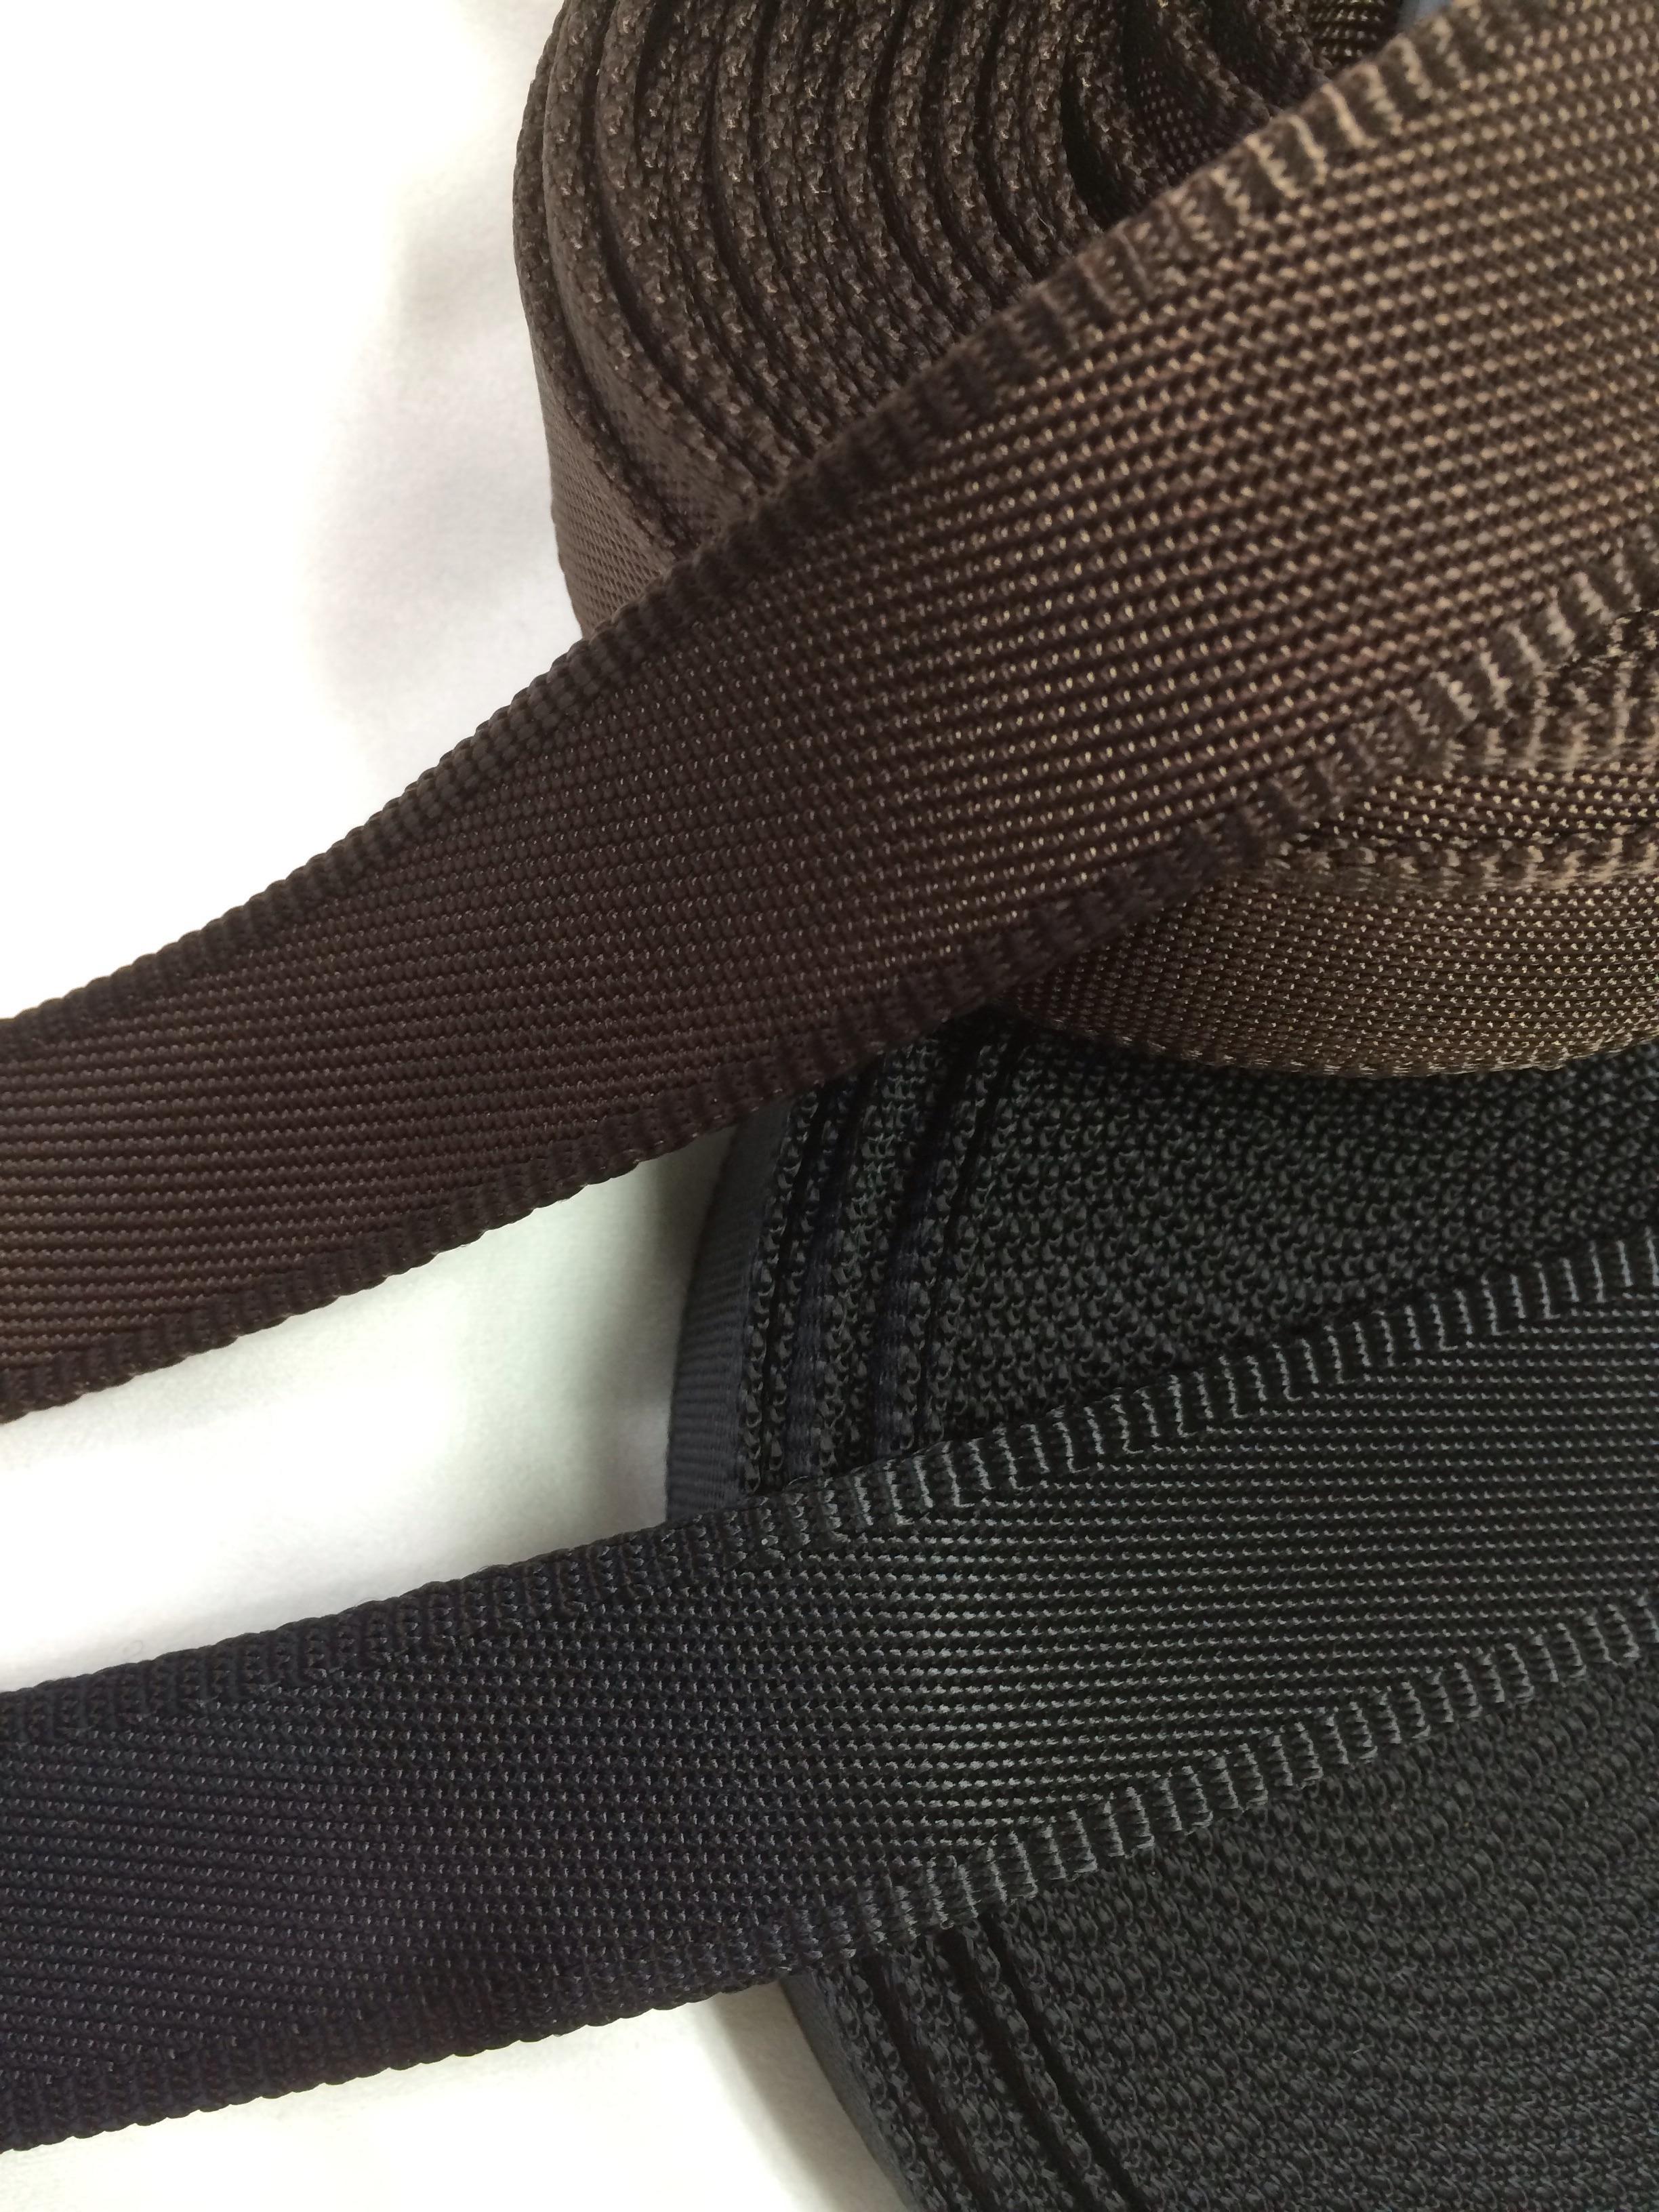 ナイロンテープ 耳付流綾織 30mm幅 カラー(黒以外) 1m